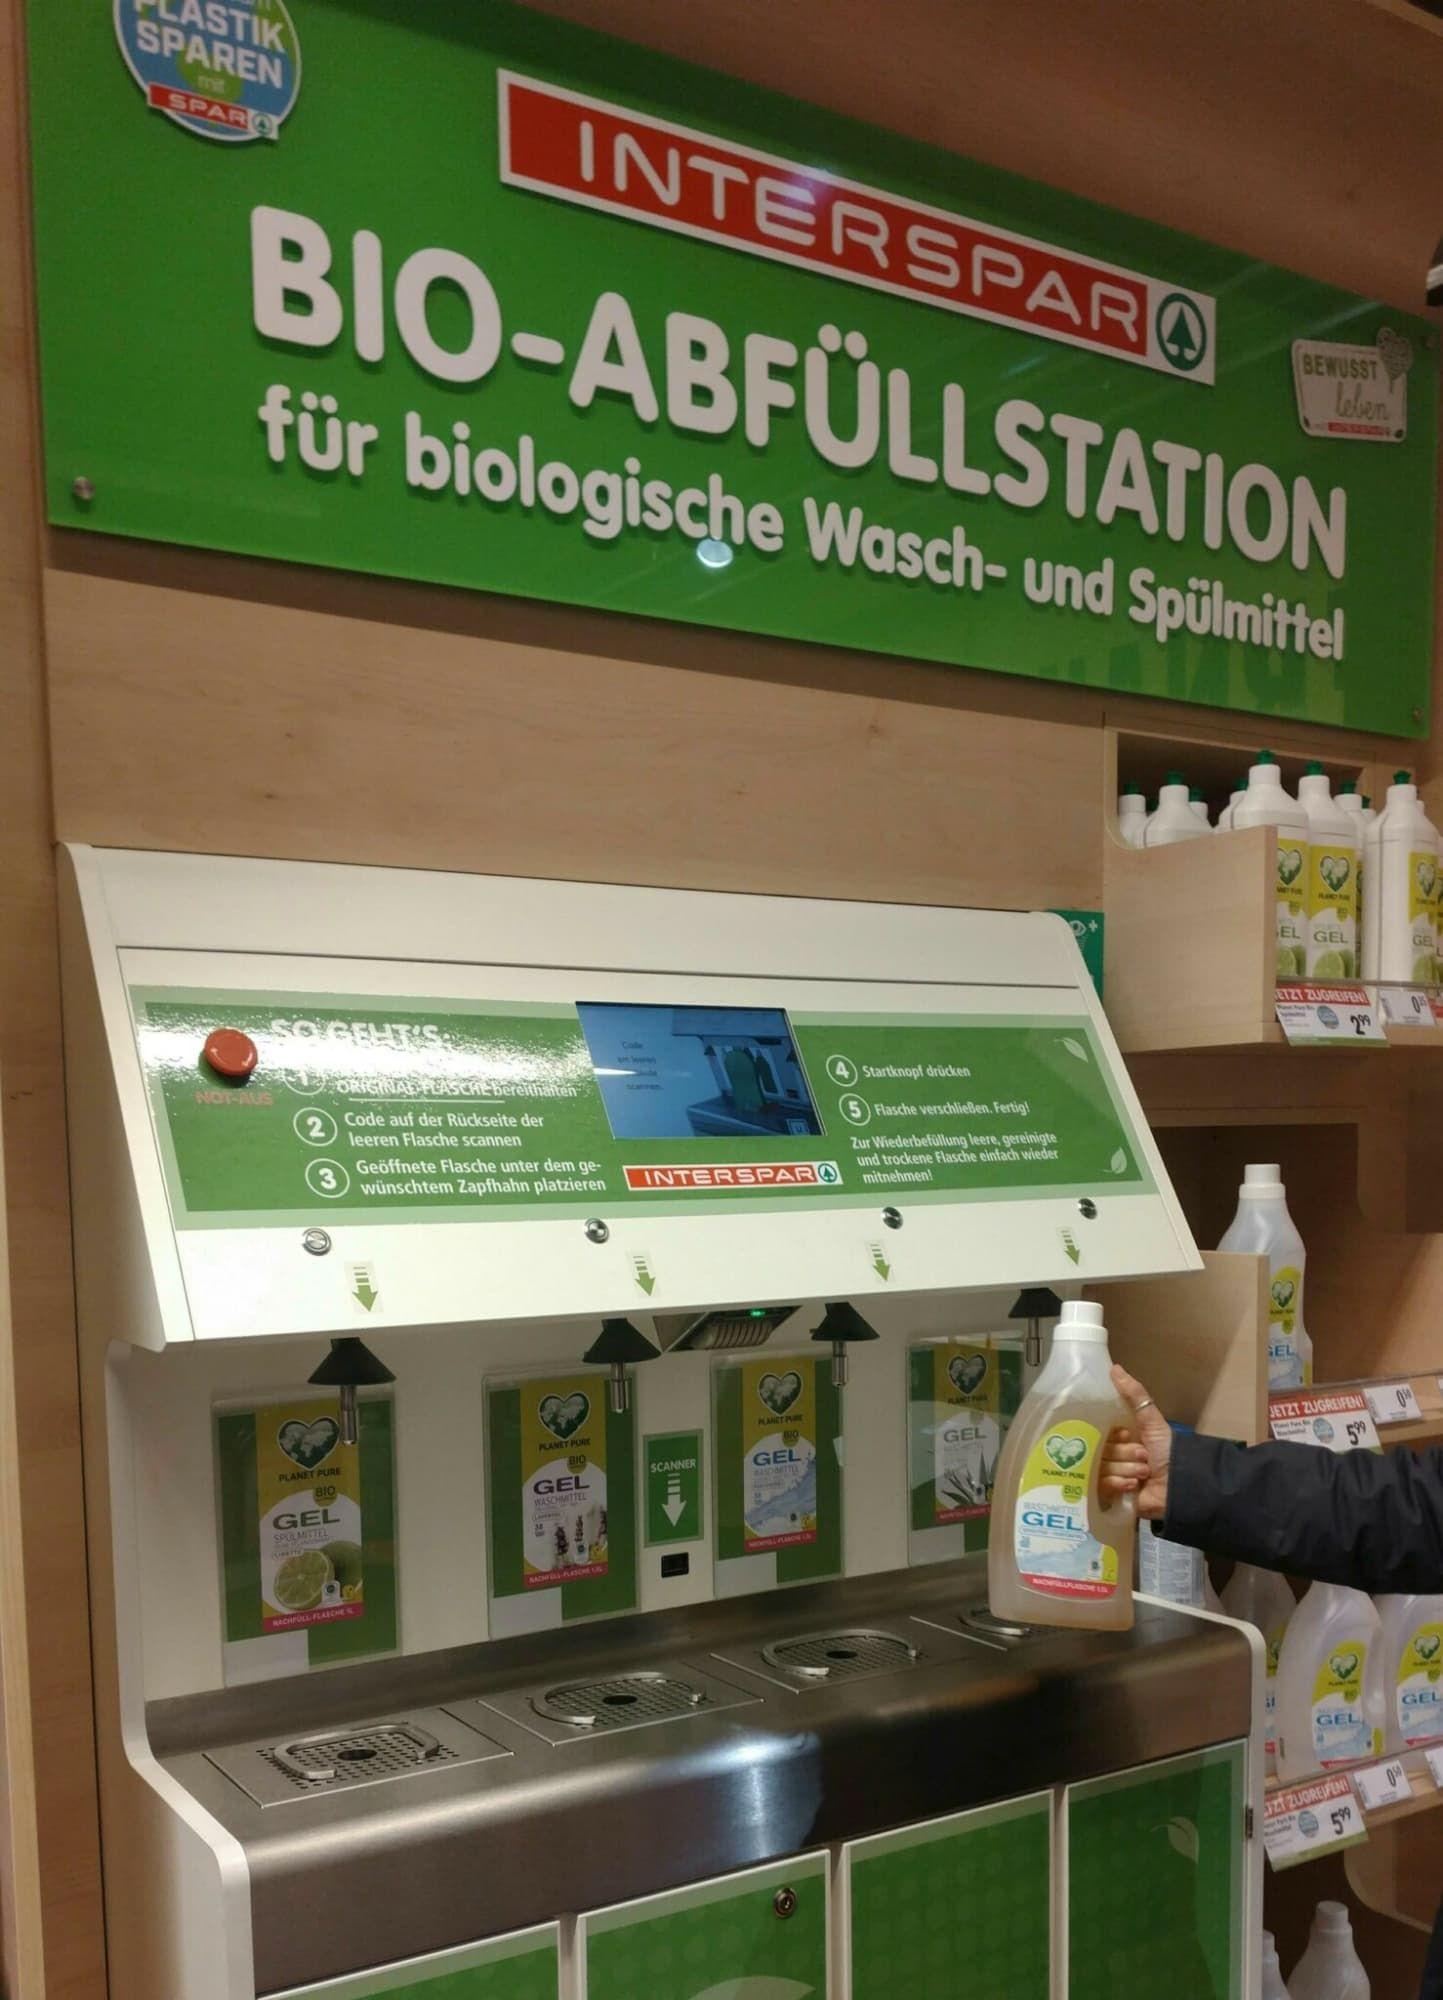 Abfuellstation für Waschmittel